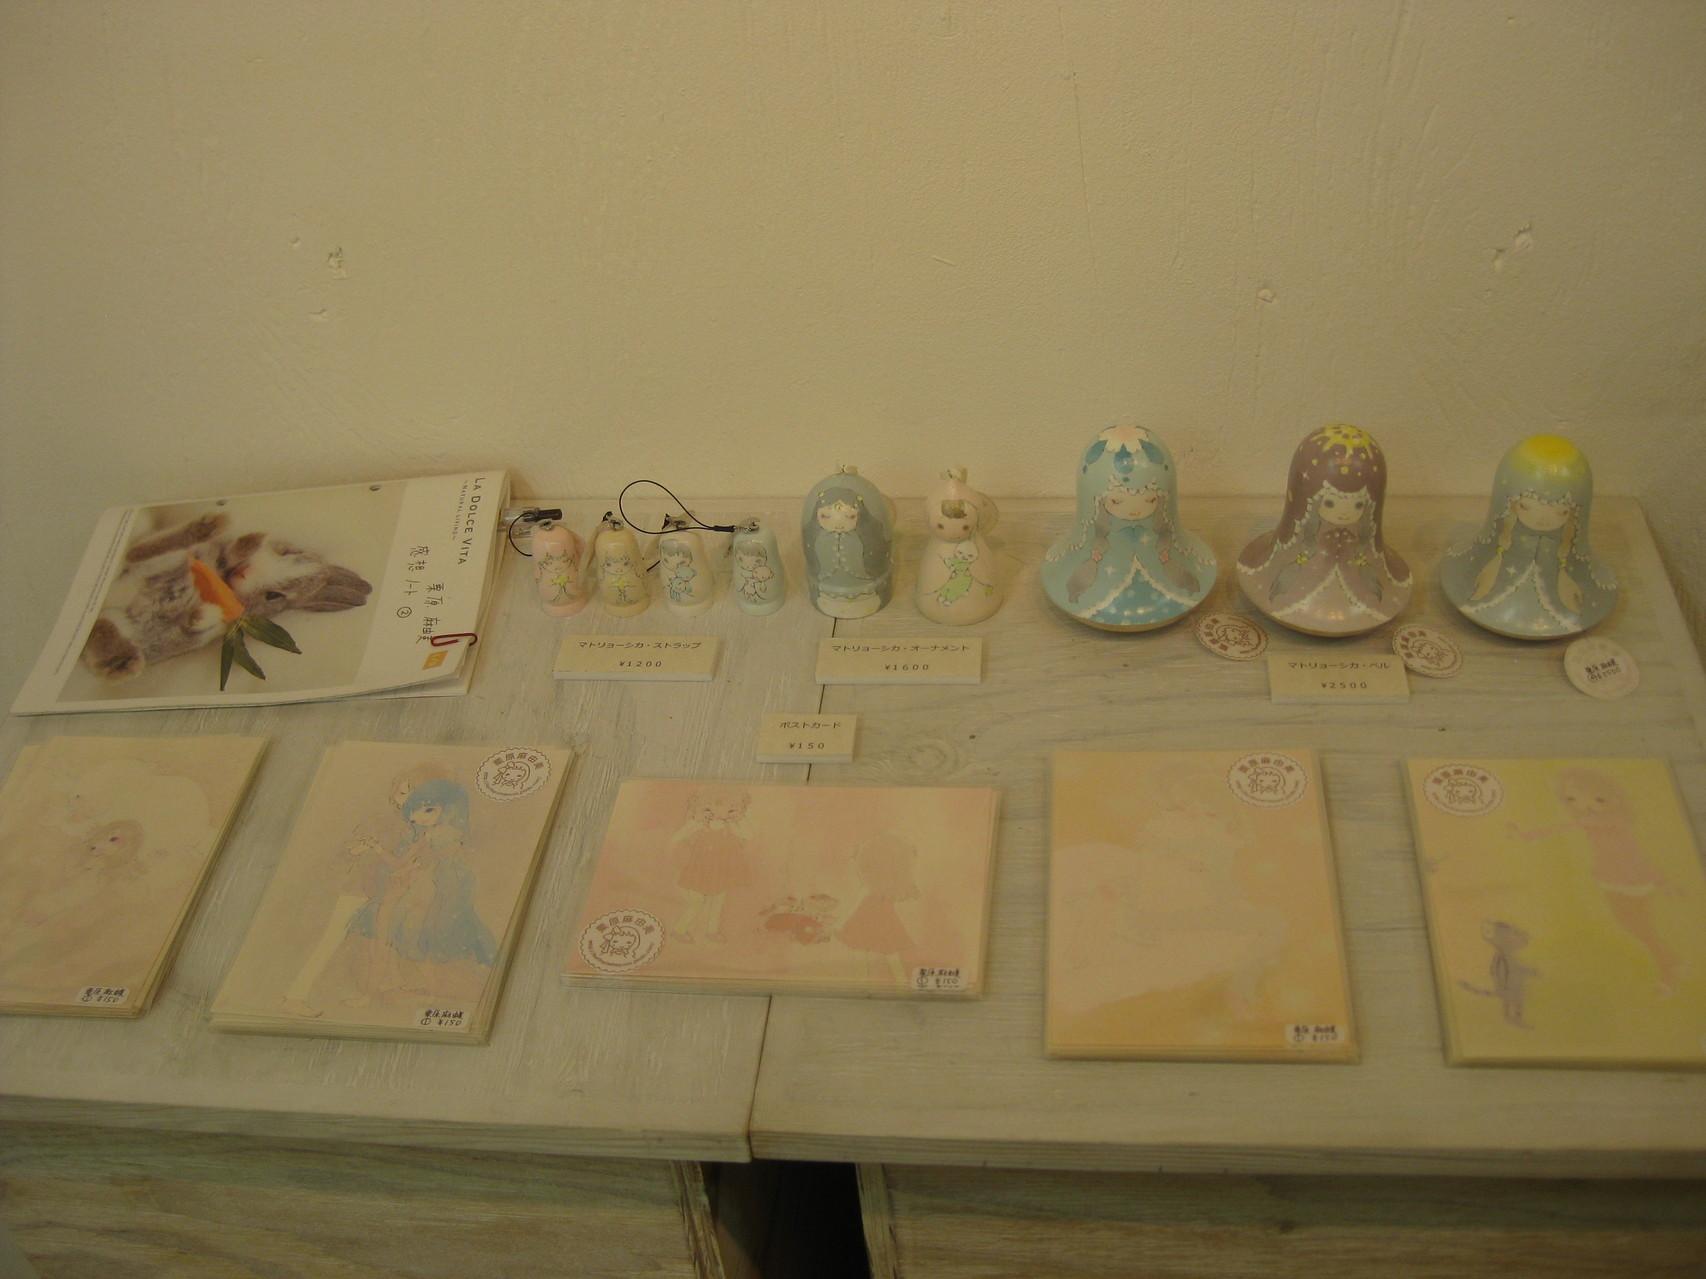 夢のイメージのマトリョーシカ、展示作品のポストカード。